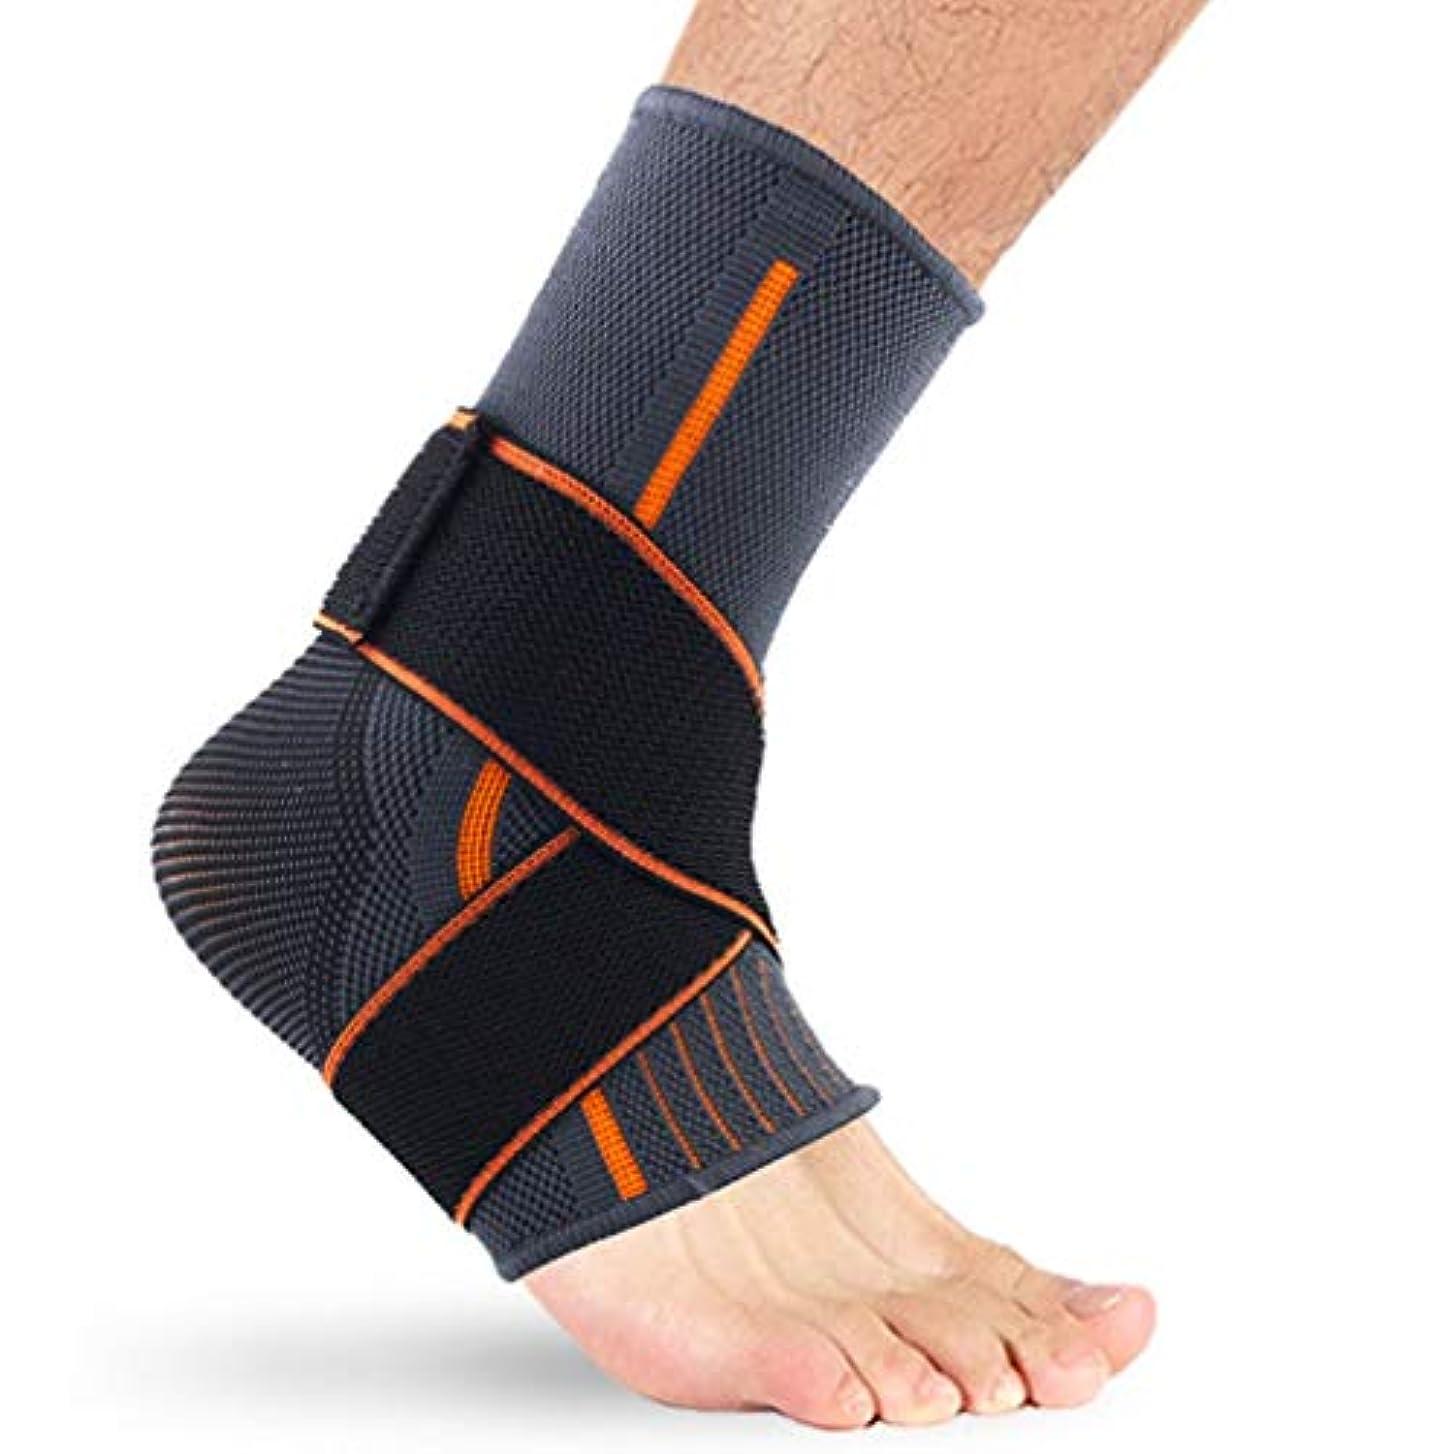 すぐに瀬戸際究極の足首装具サポート、足装具安定装置、弾性スポーツ足首サポート快適なナイロン保護スポーツ足首装置